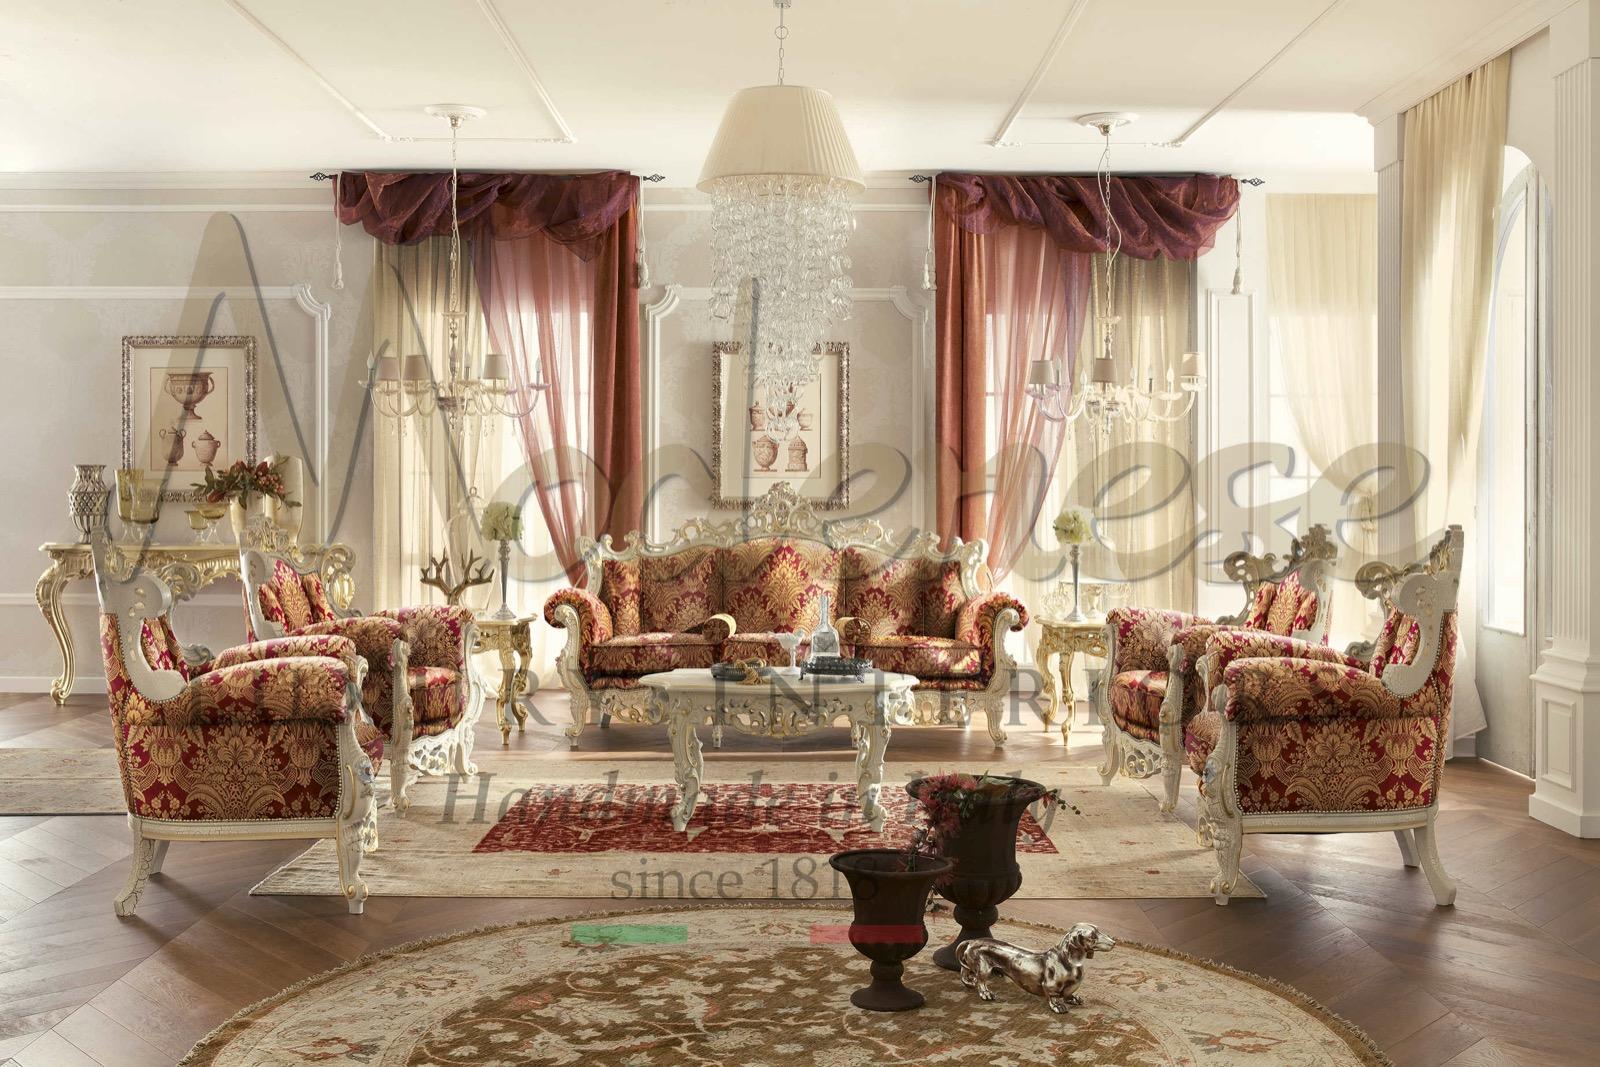 сделано в Италии роскошная классическая мебель в стиле барокко студия дизайна интерьера роскошная гостиная экспозиция предметы интерьера индивидуальные решения